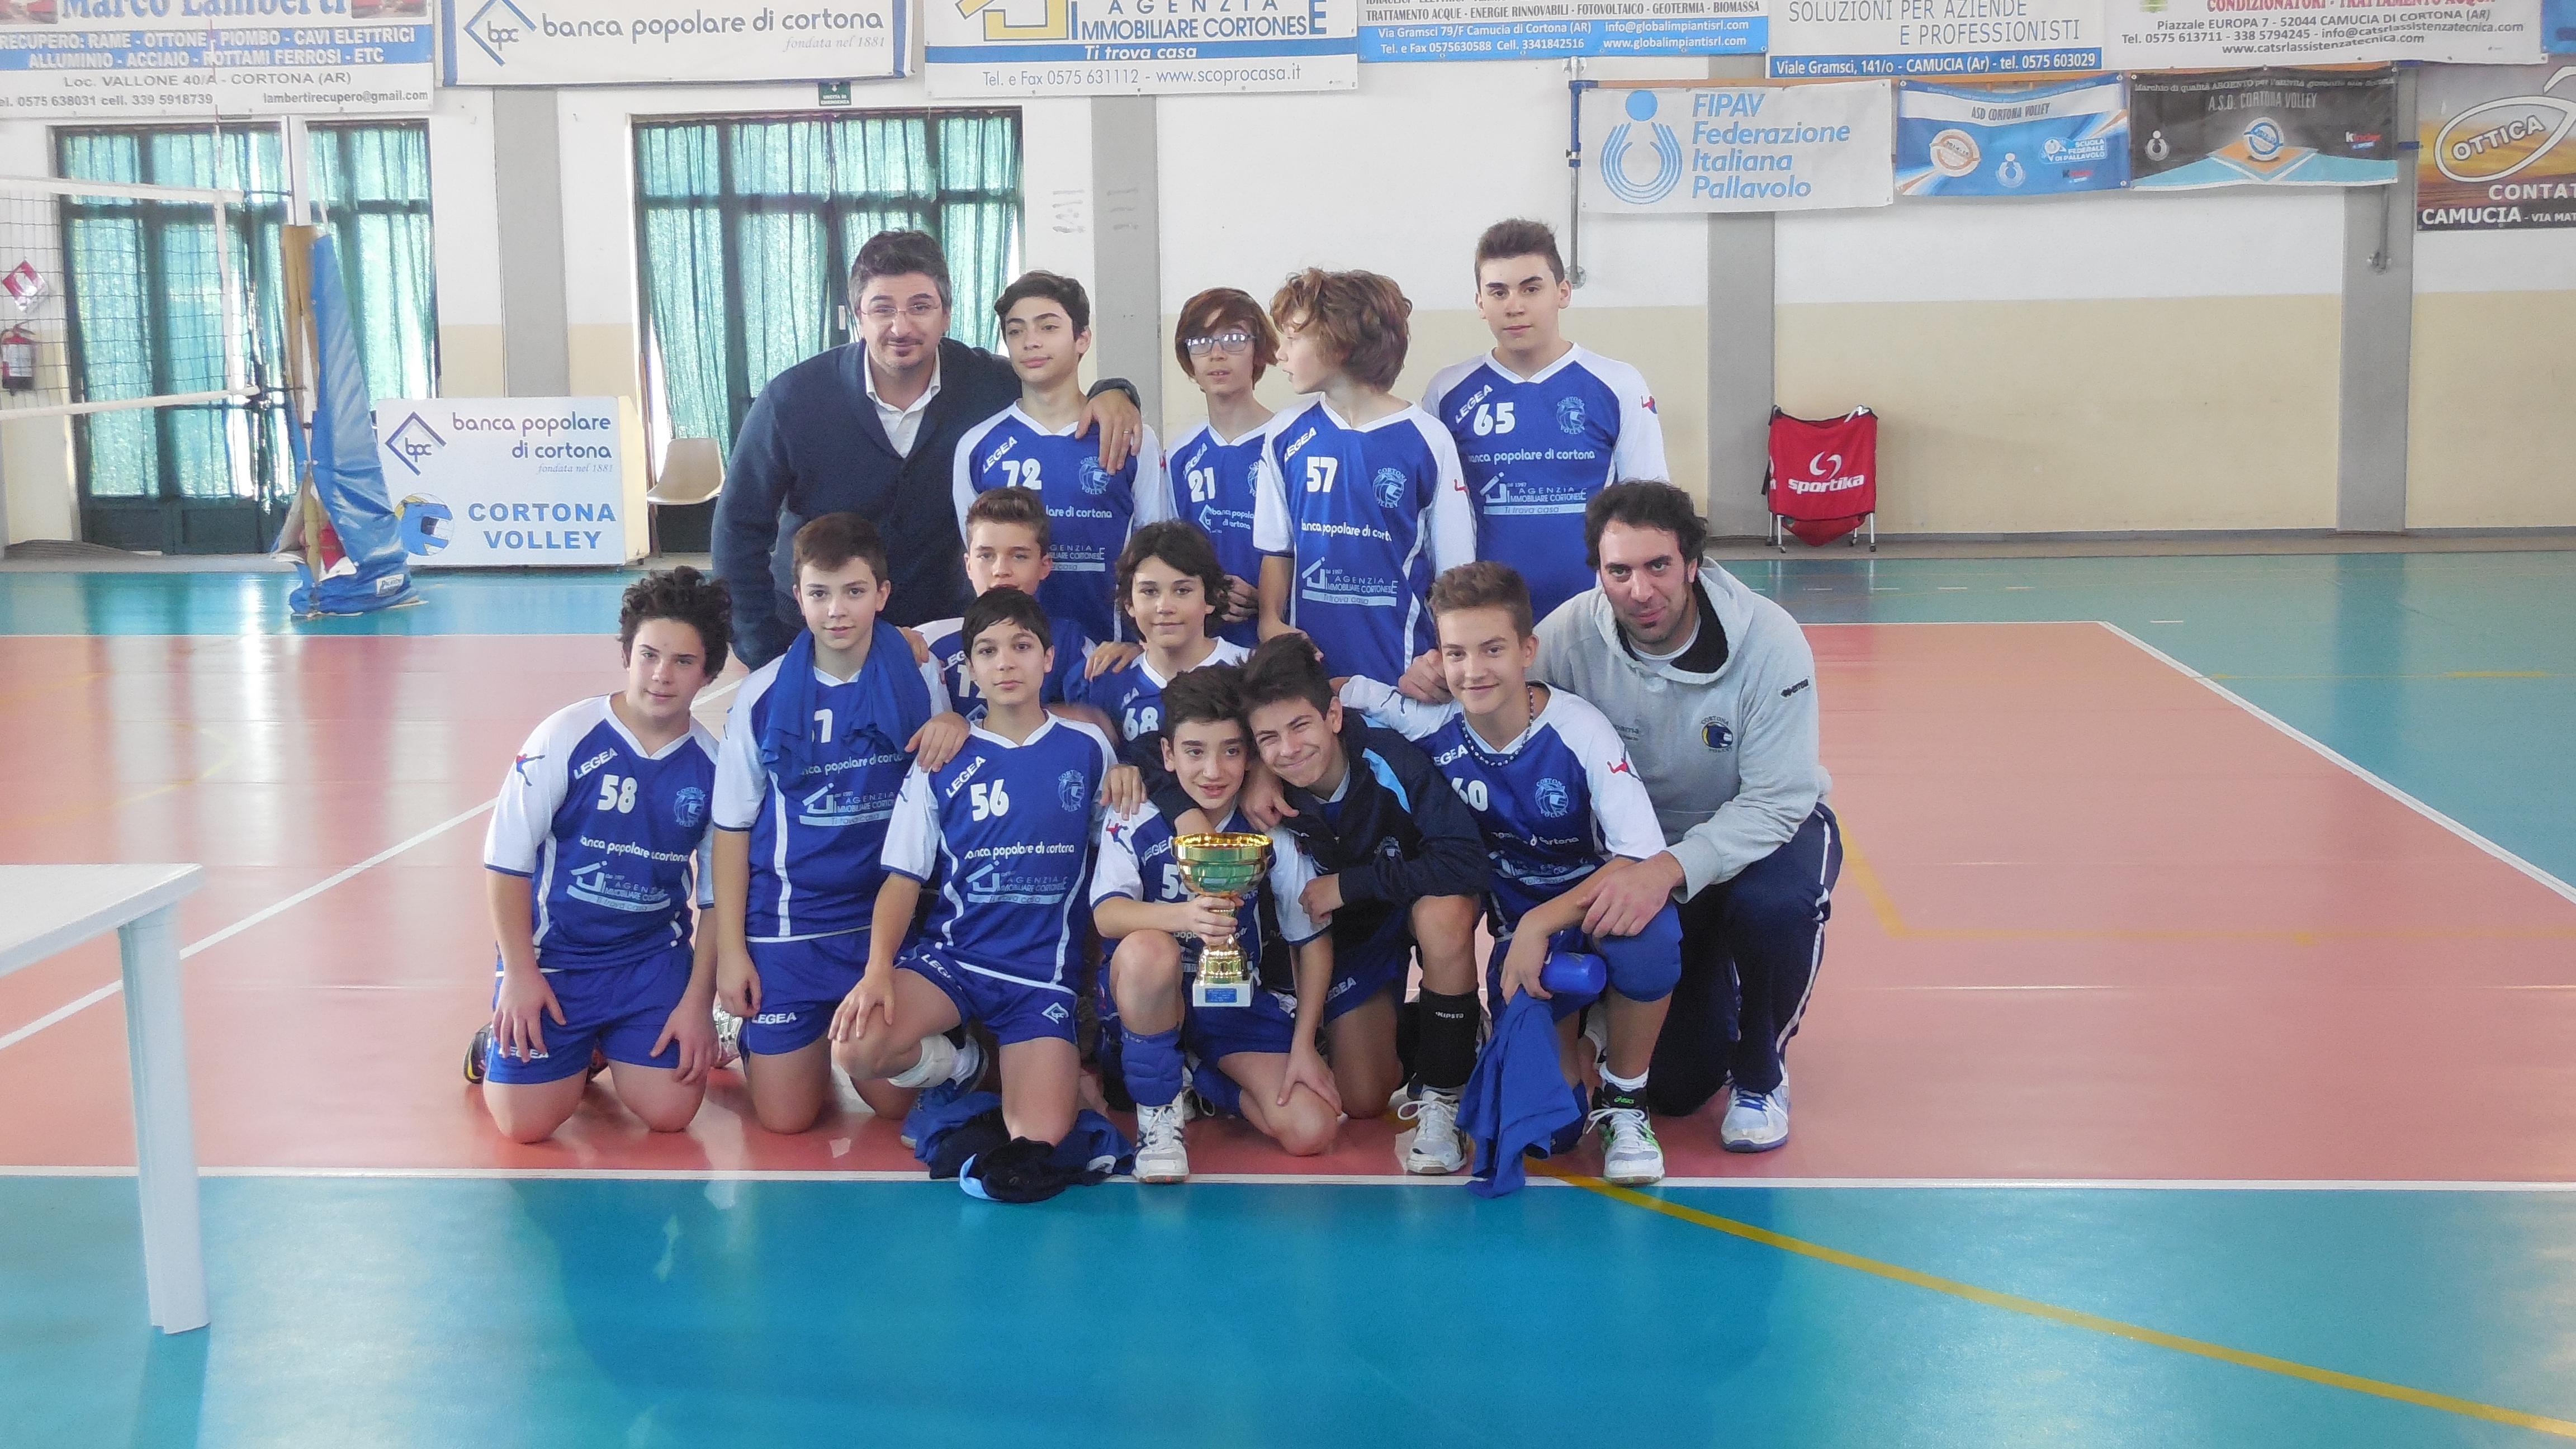 A Monte San Savino la finale interprovinciale Under 14 di Volley